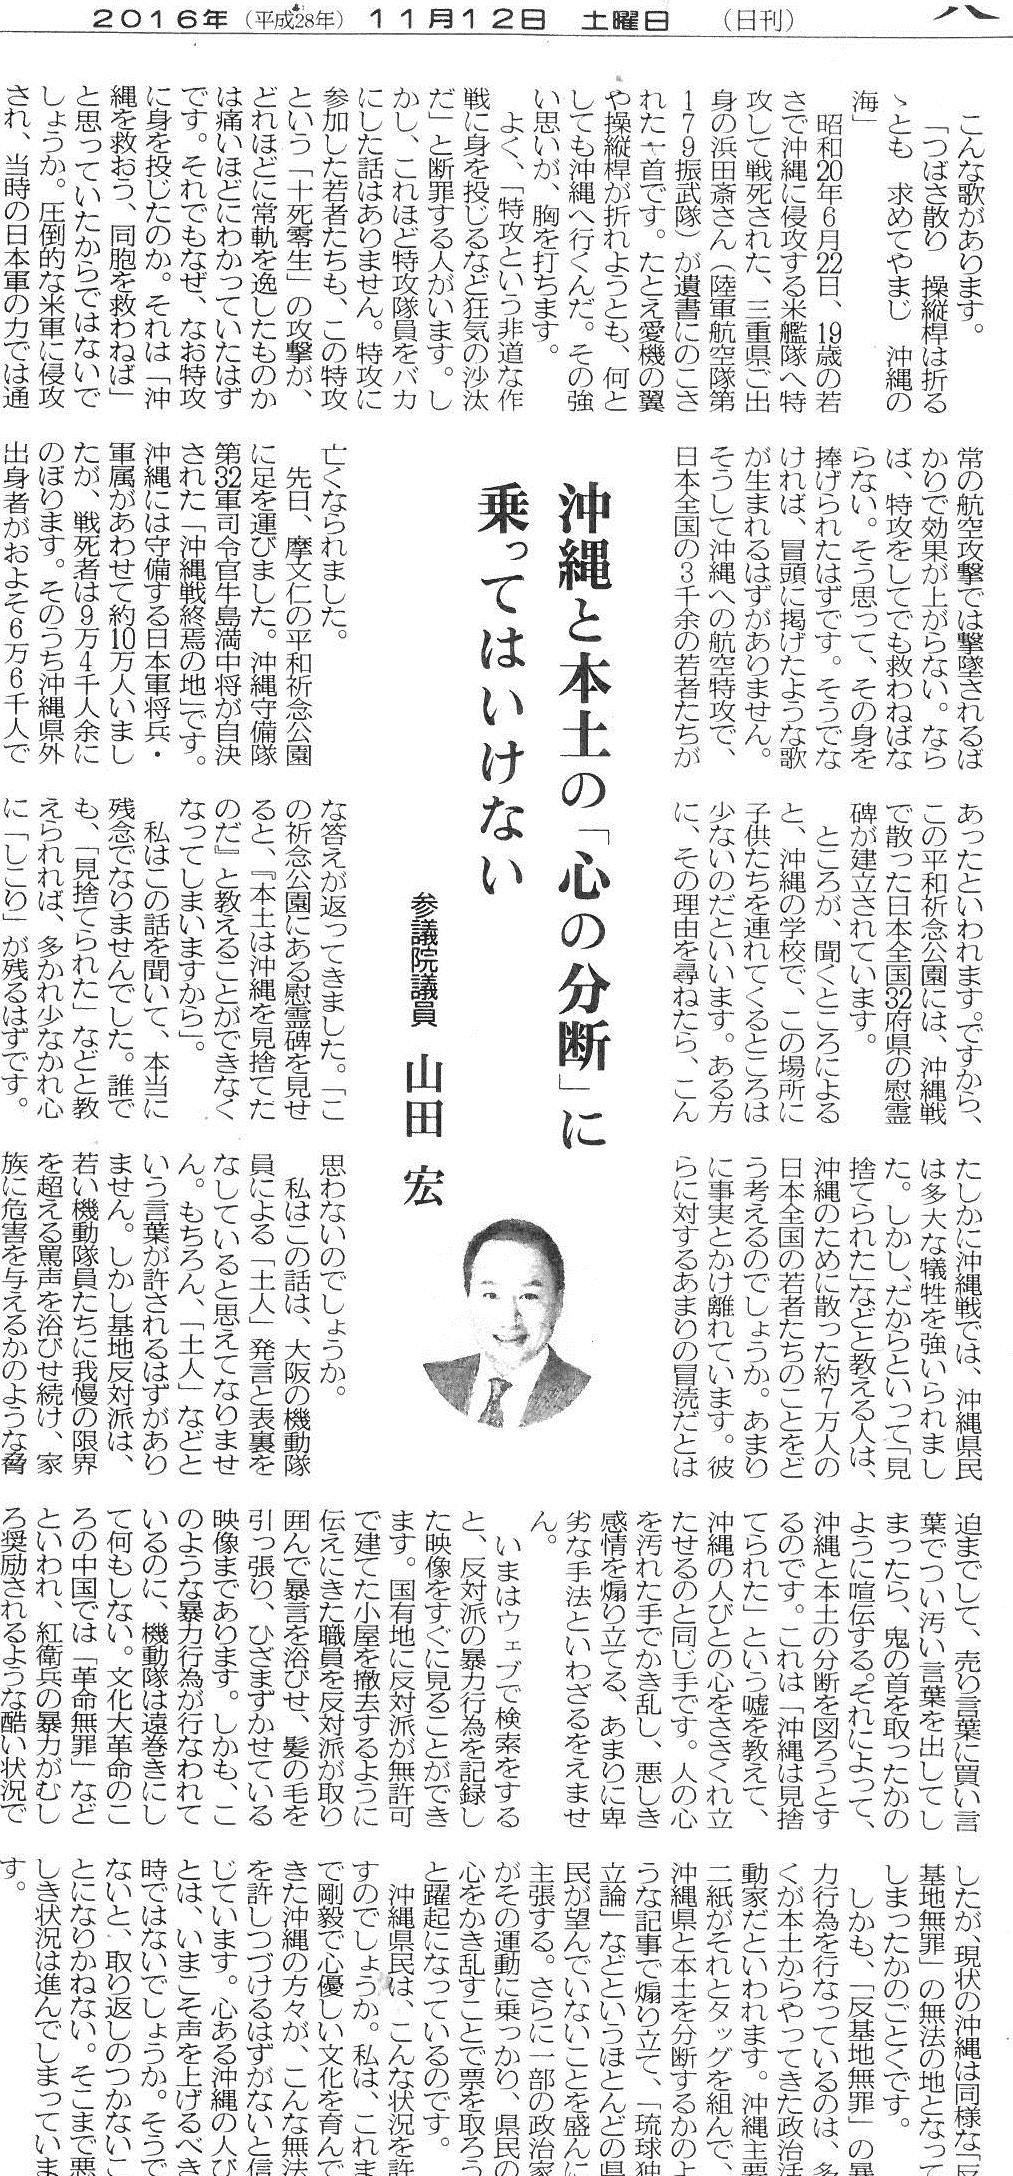 20161112 八重山日報